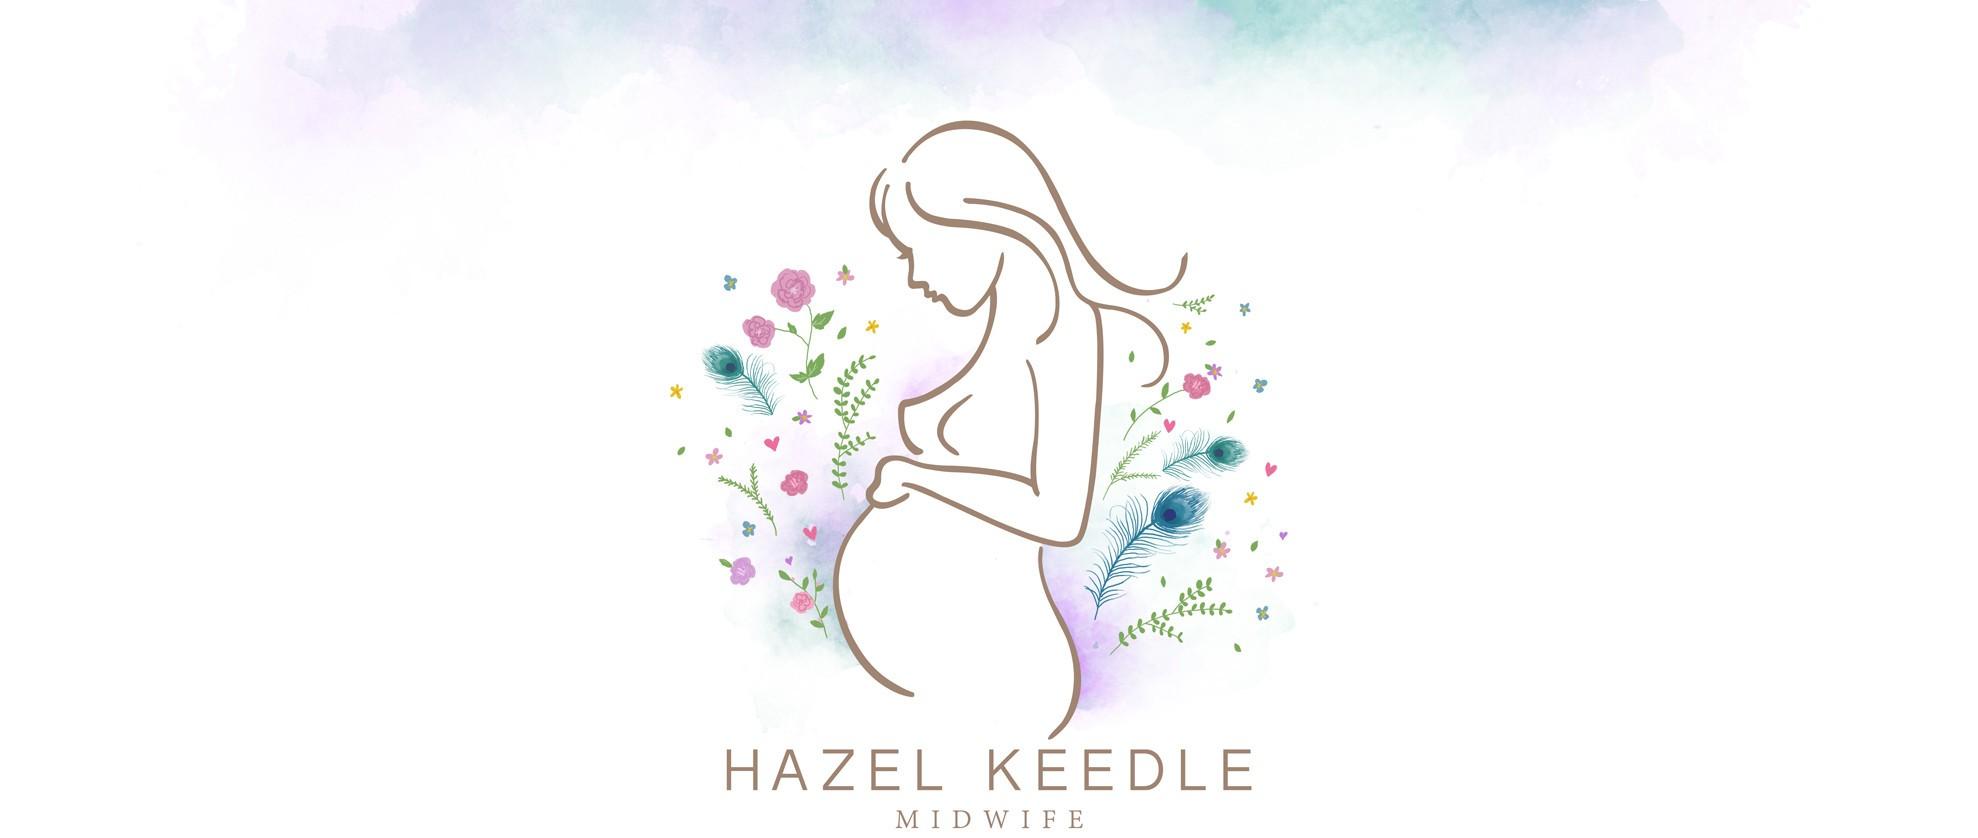 Midwife Hazel